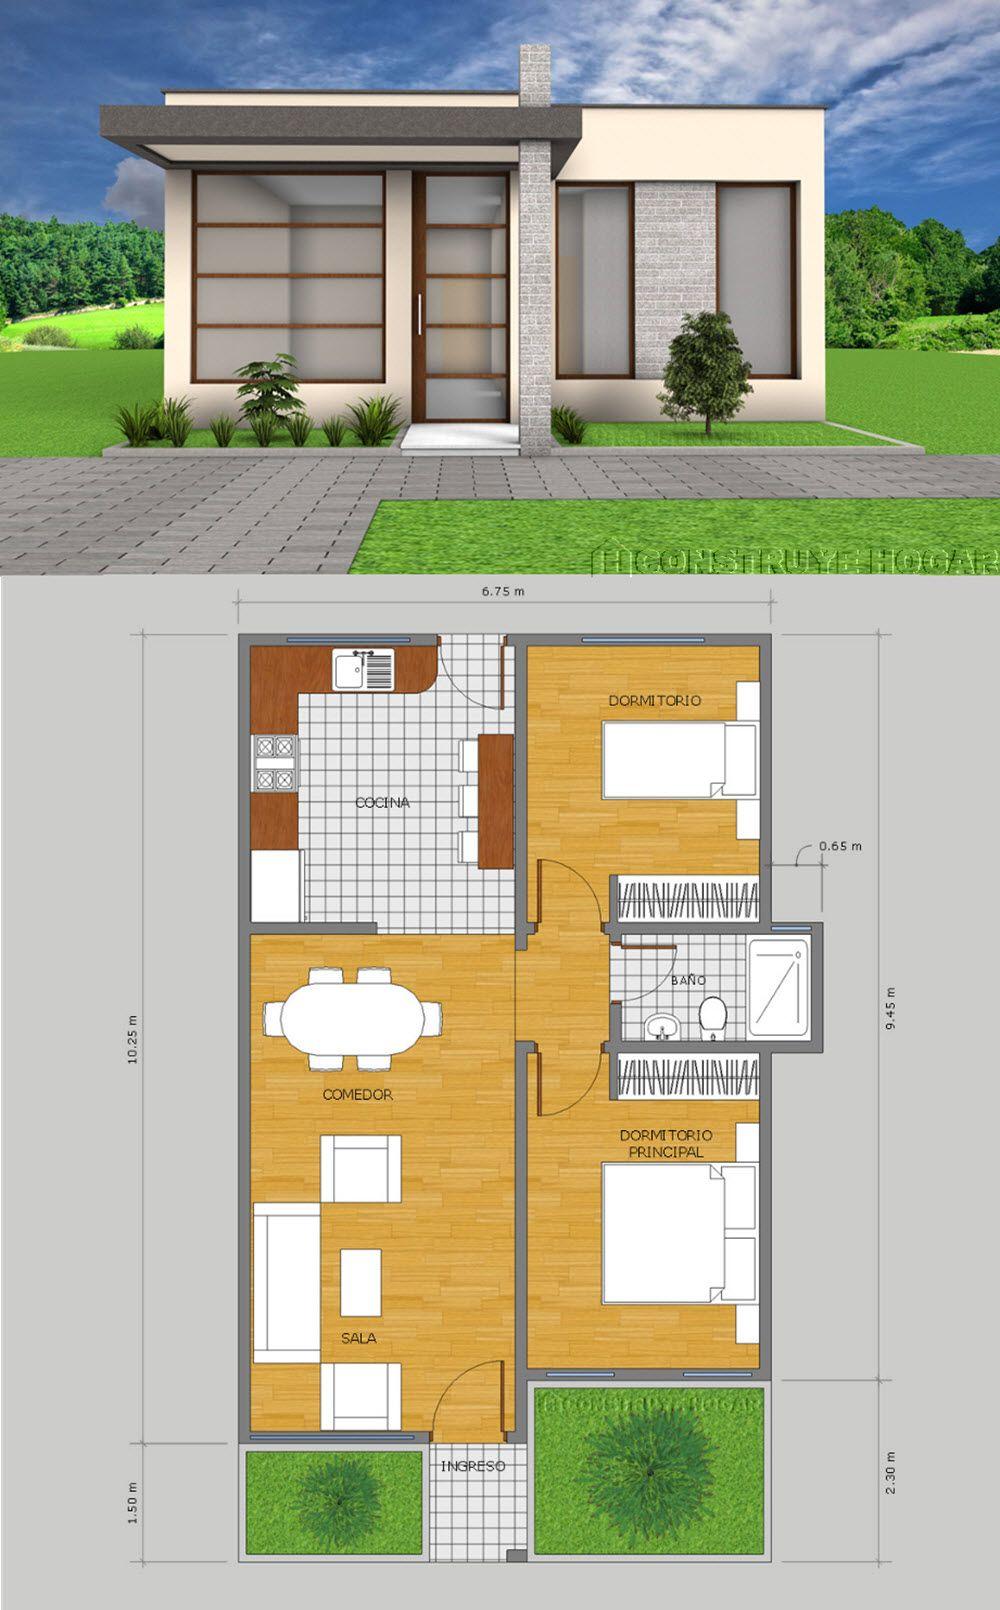 planos de casas ideas de dise o para construir planos